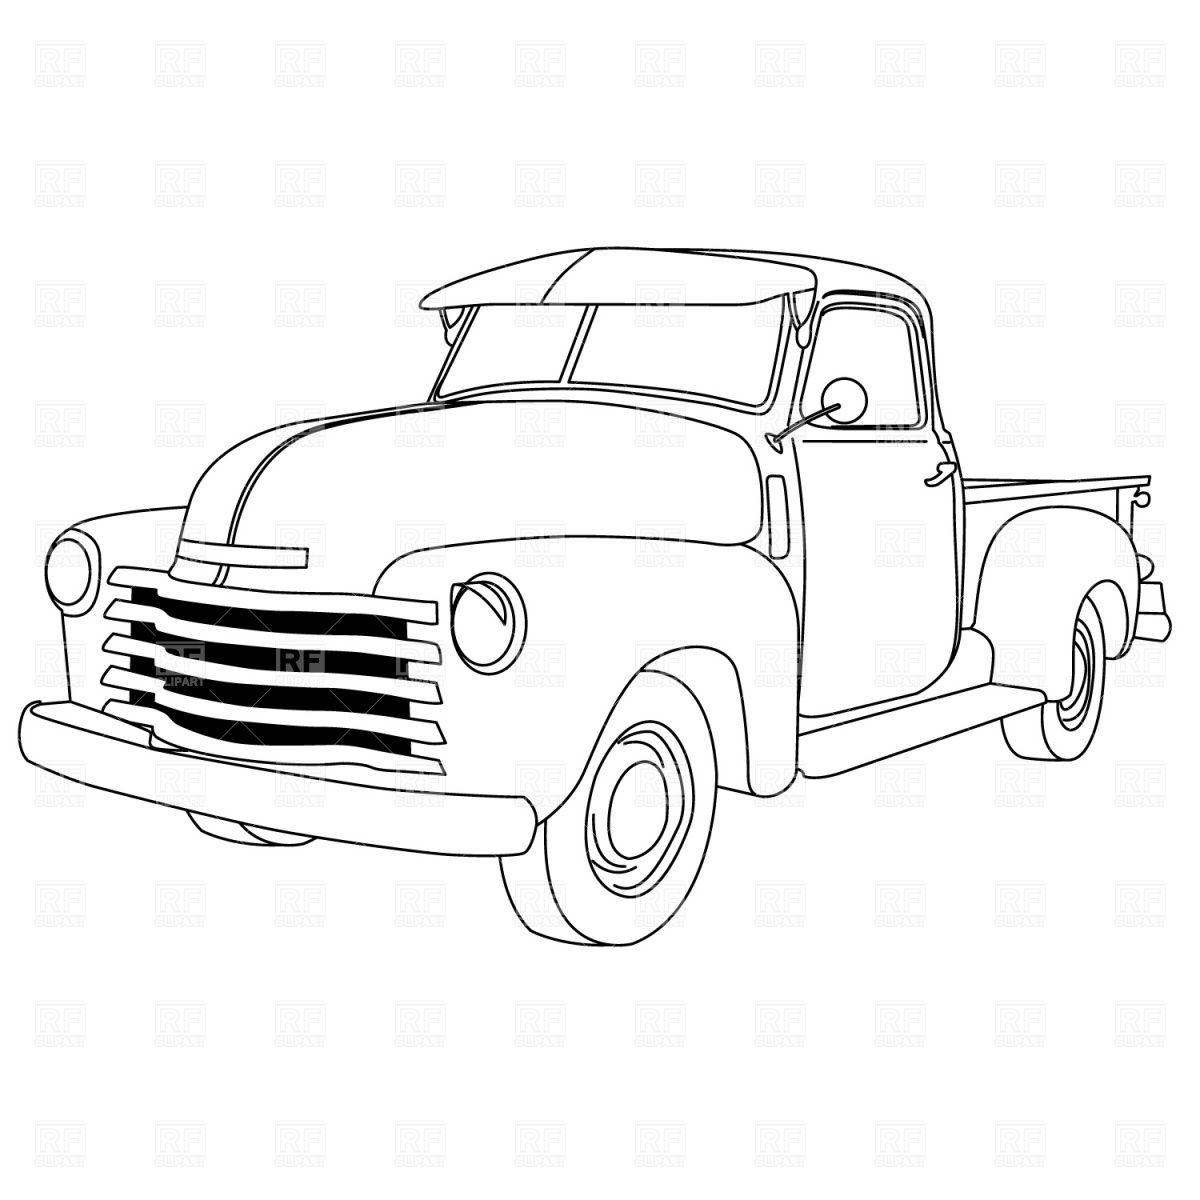 1949 dodge stepside truck